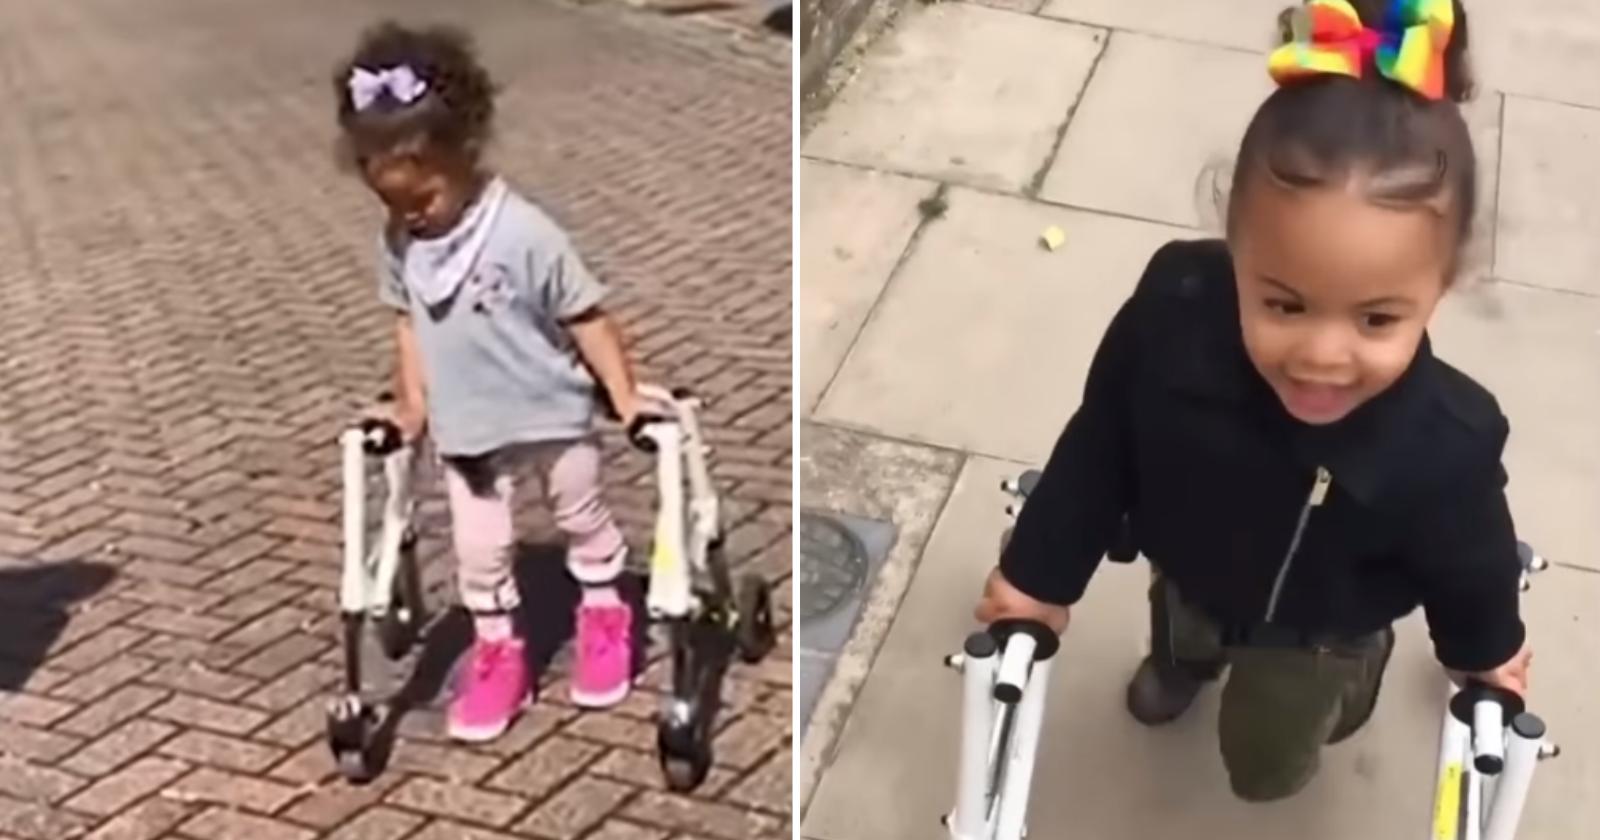 https://www.Garotinha de 3 anos quebra diagnóstico e vídeo de sua superação emociona.com/chinaplusamerica/videos/960491191114595/?v=960491191114595